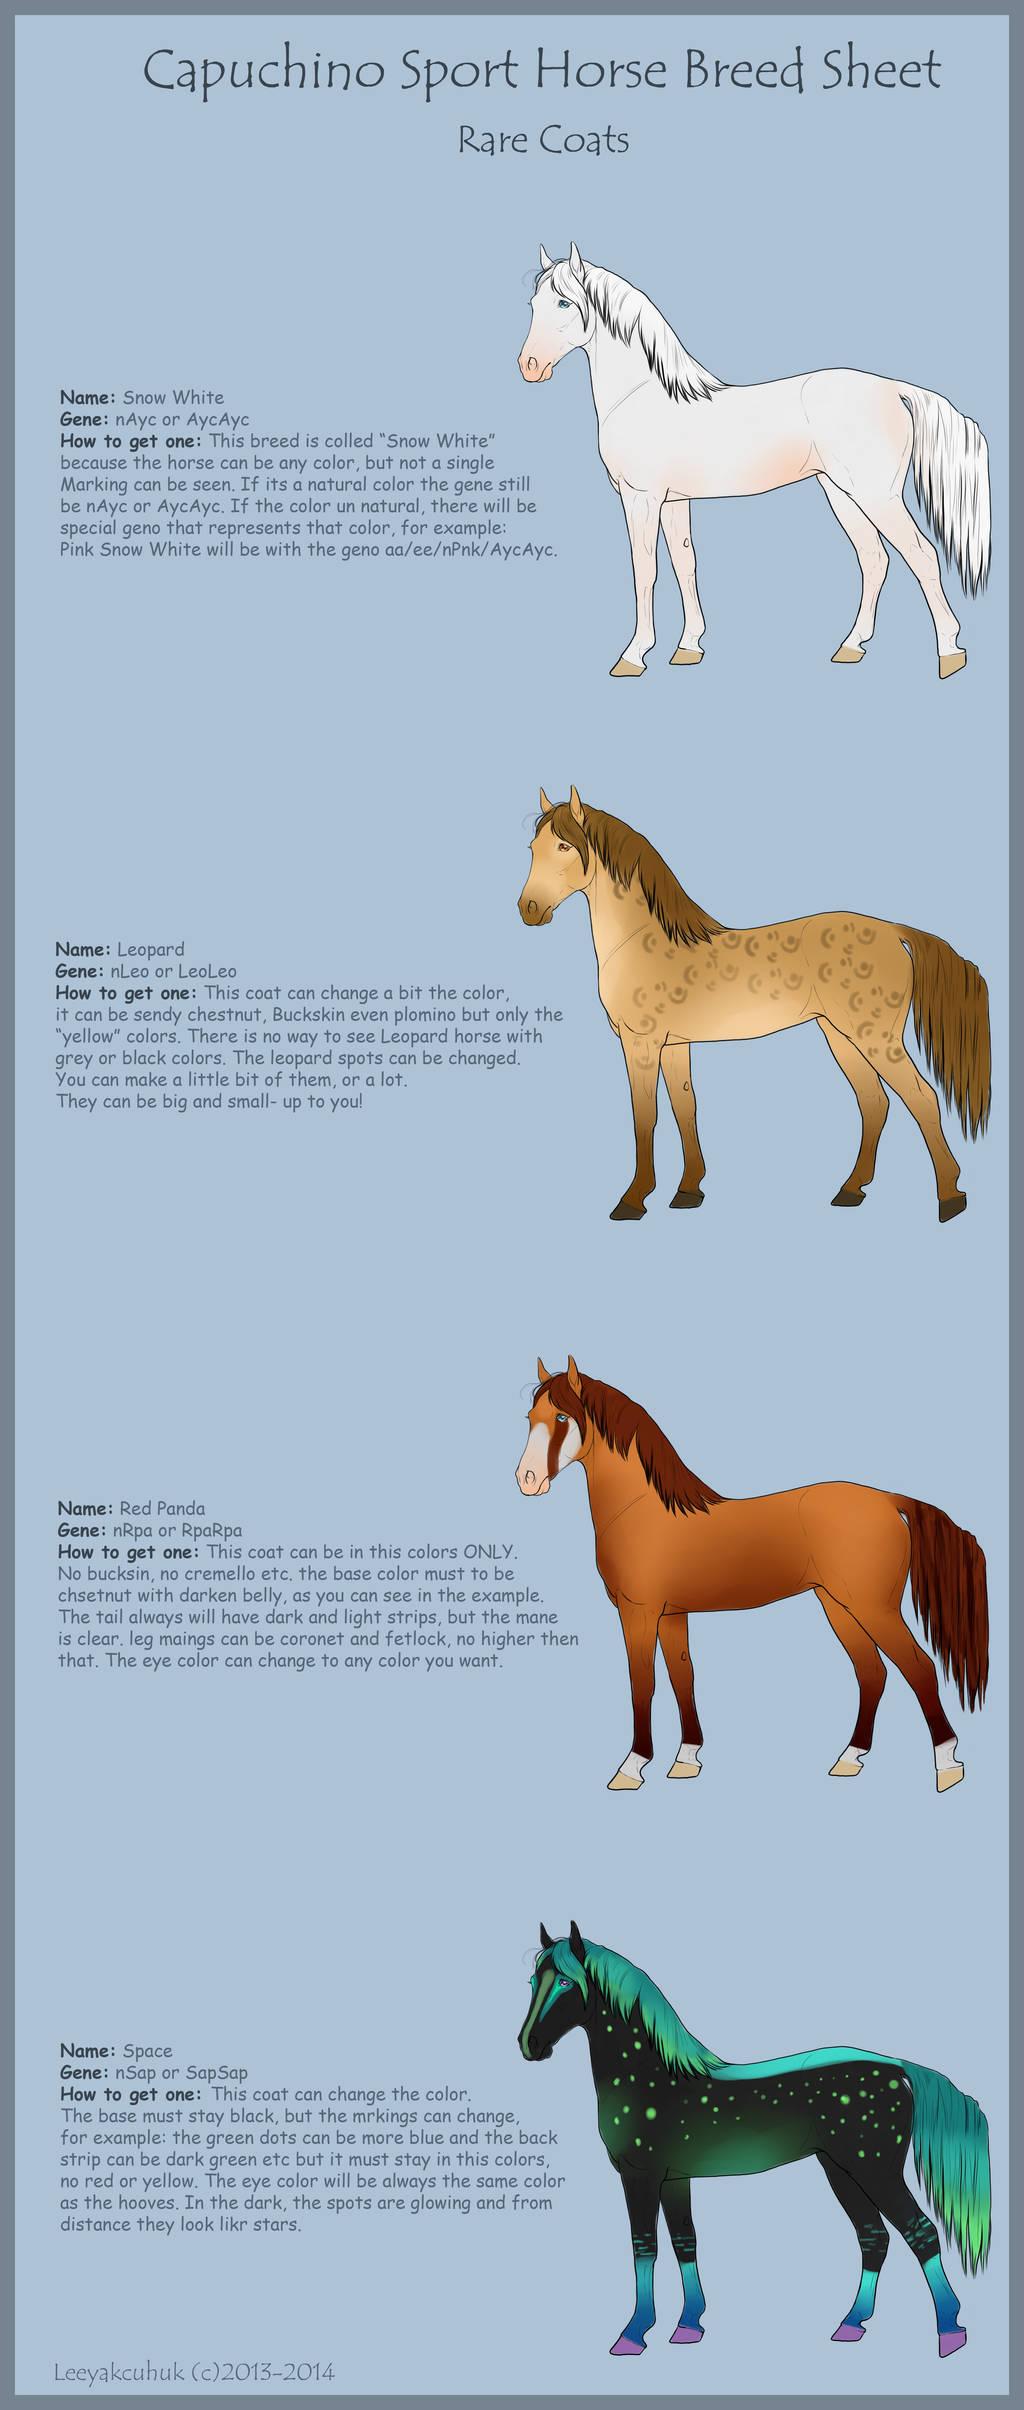 Cpuchino Sport Horse Breed Sheet- Rare Coats by LeeyaKuchuk